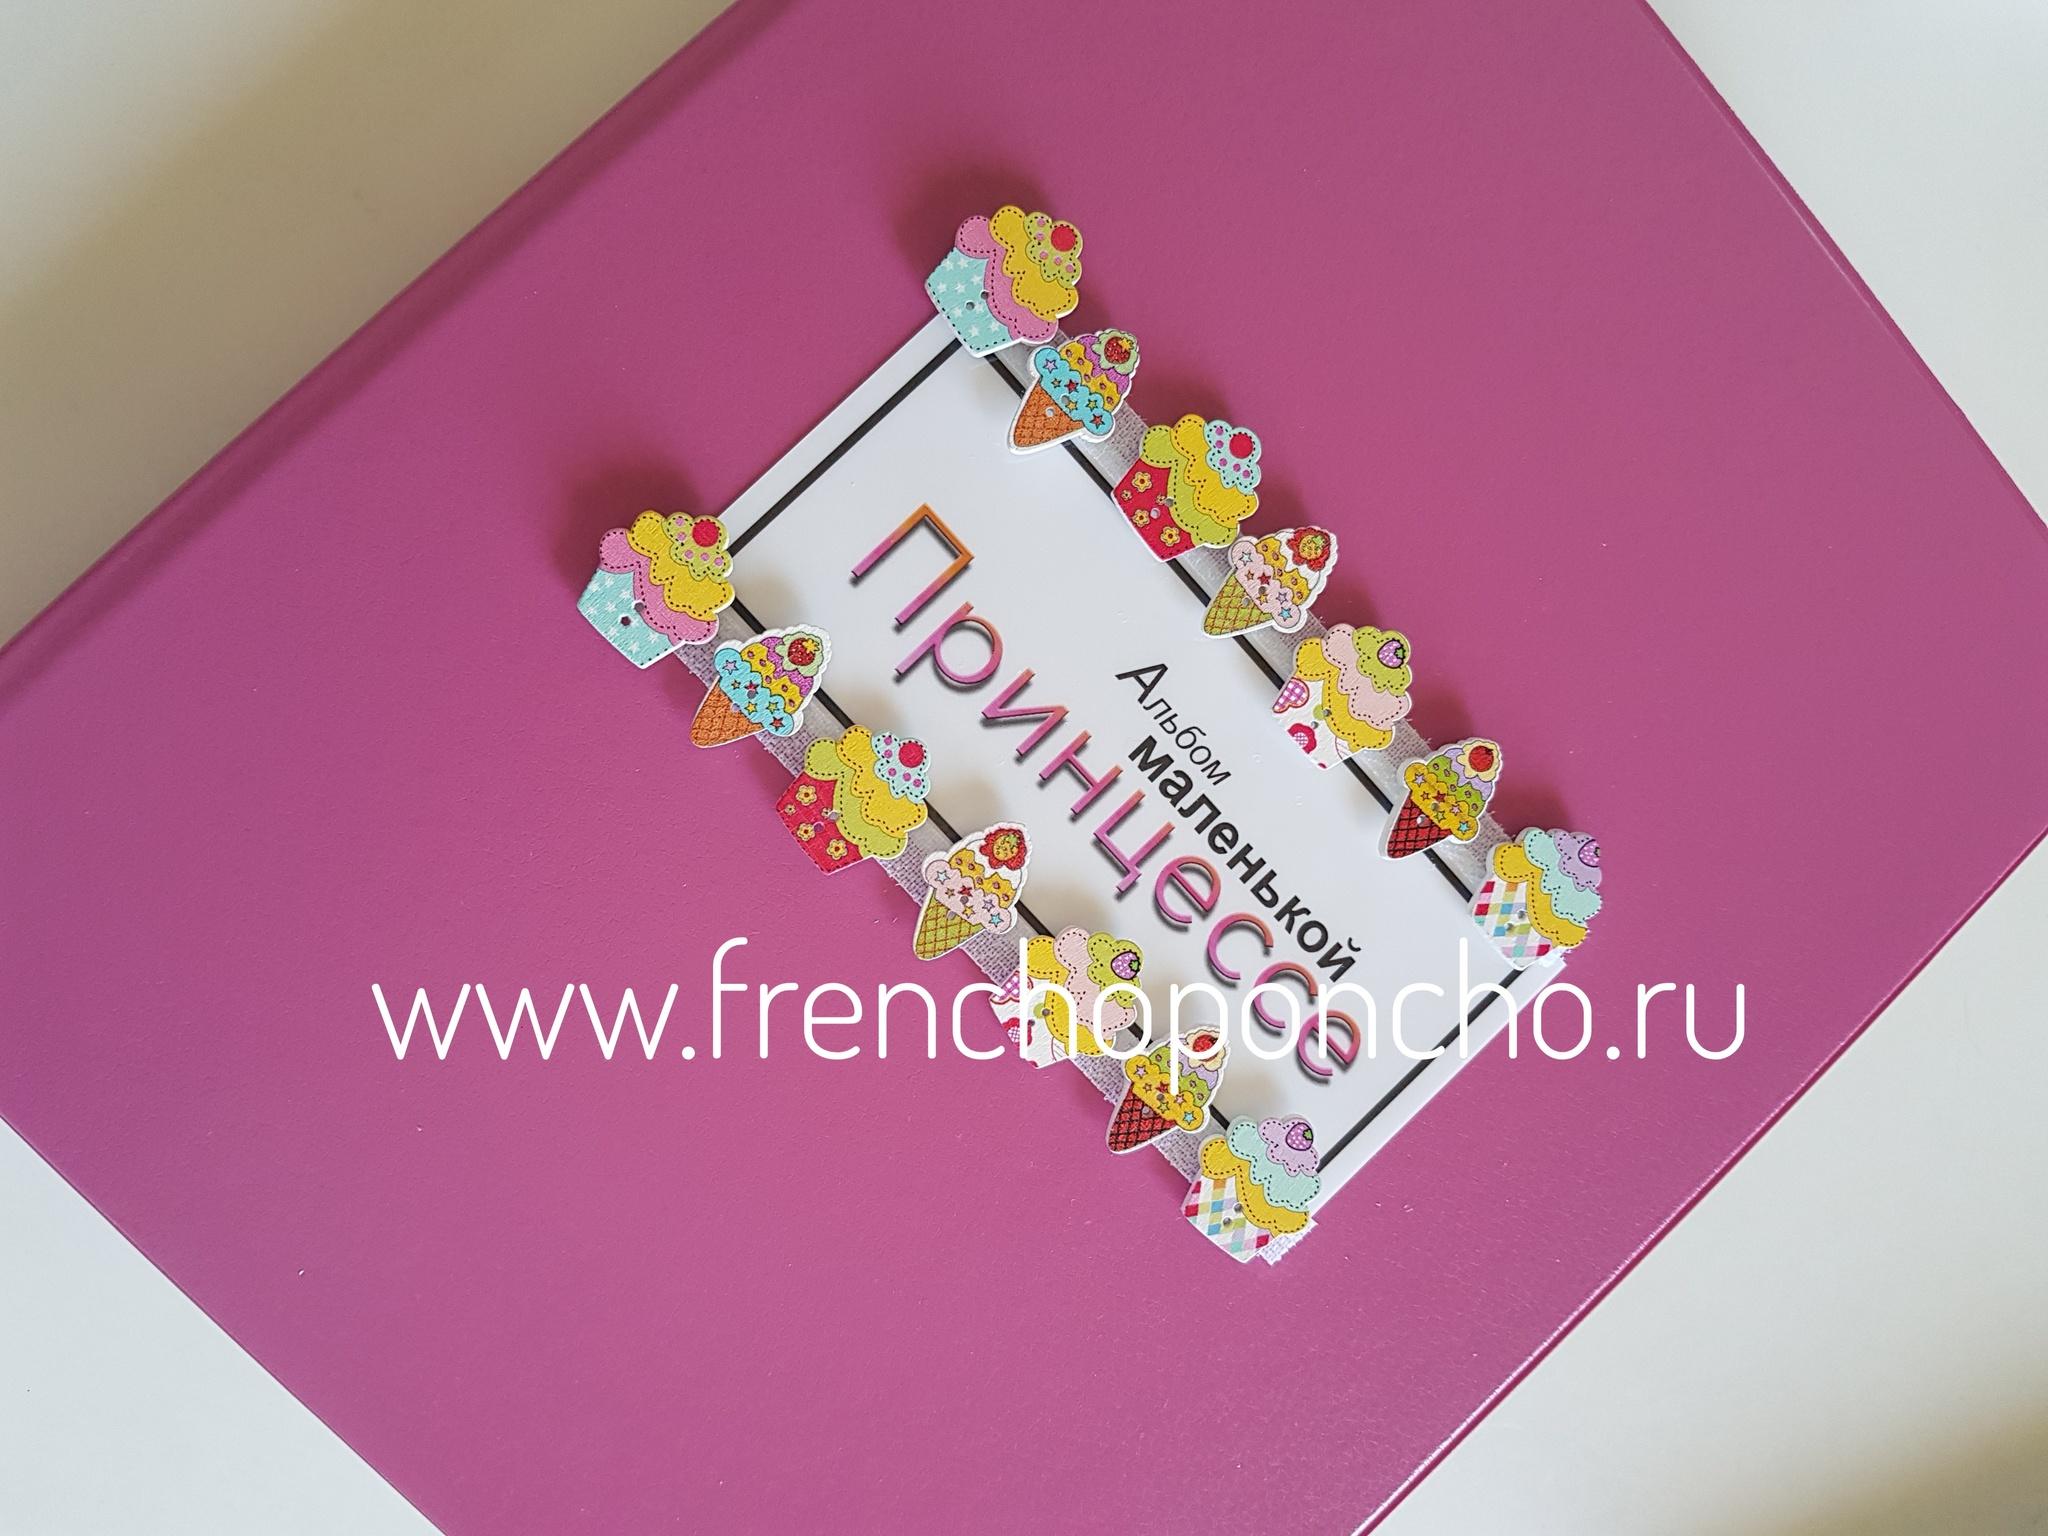 """Альбом """"Маленькой принцессе"""". Развивающие пособия на липучках Frenchoponcho (Френчопончо)"""